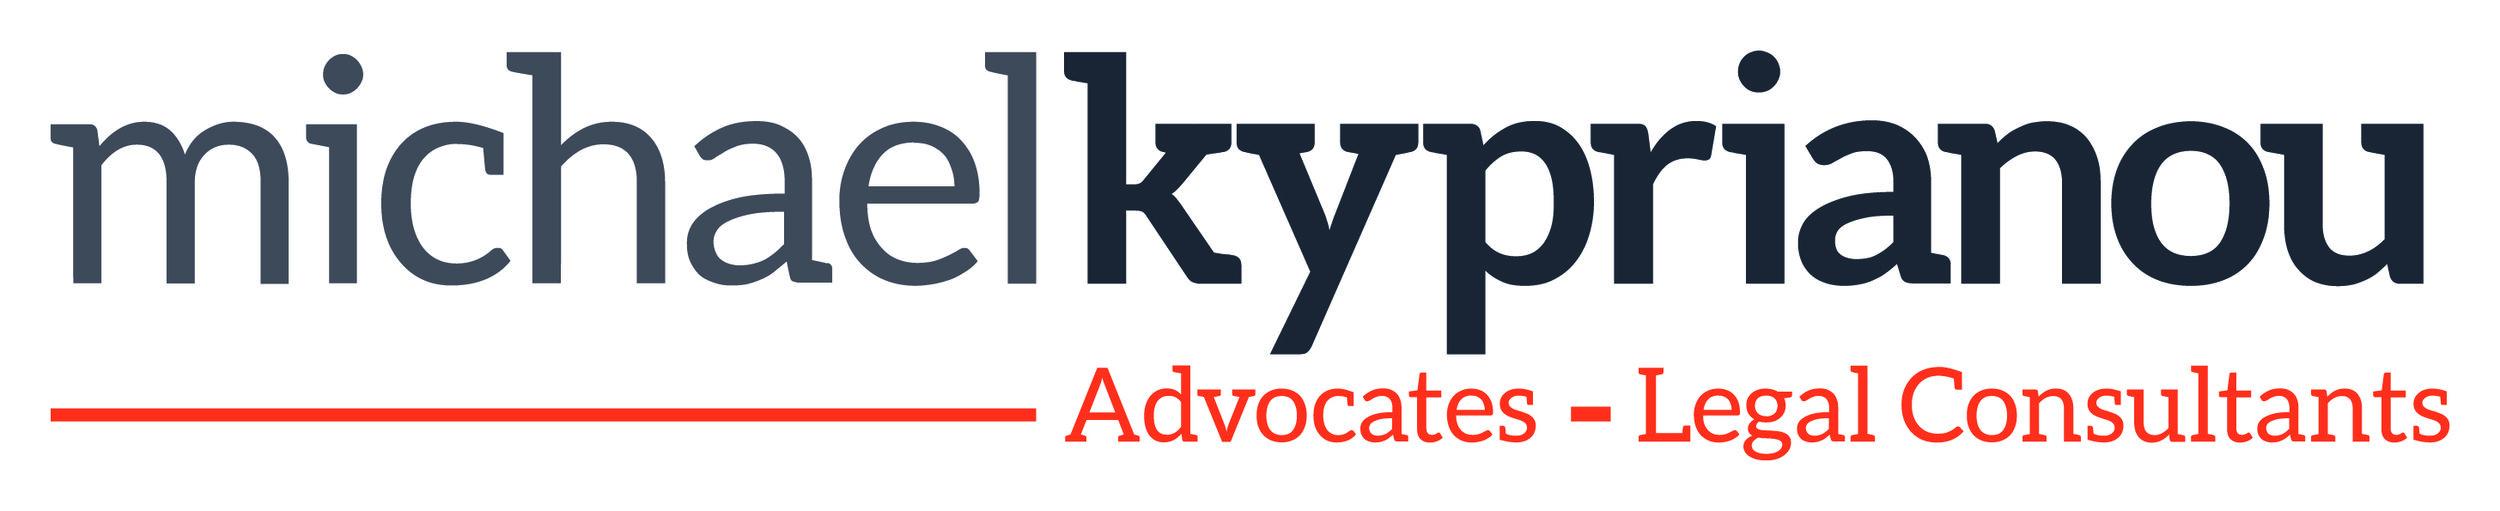 Kyprianou Logo - 2019.jpg